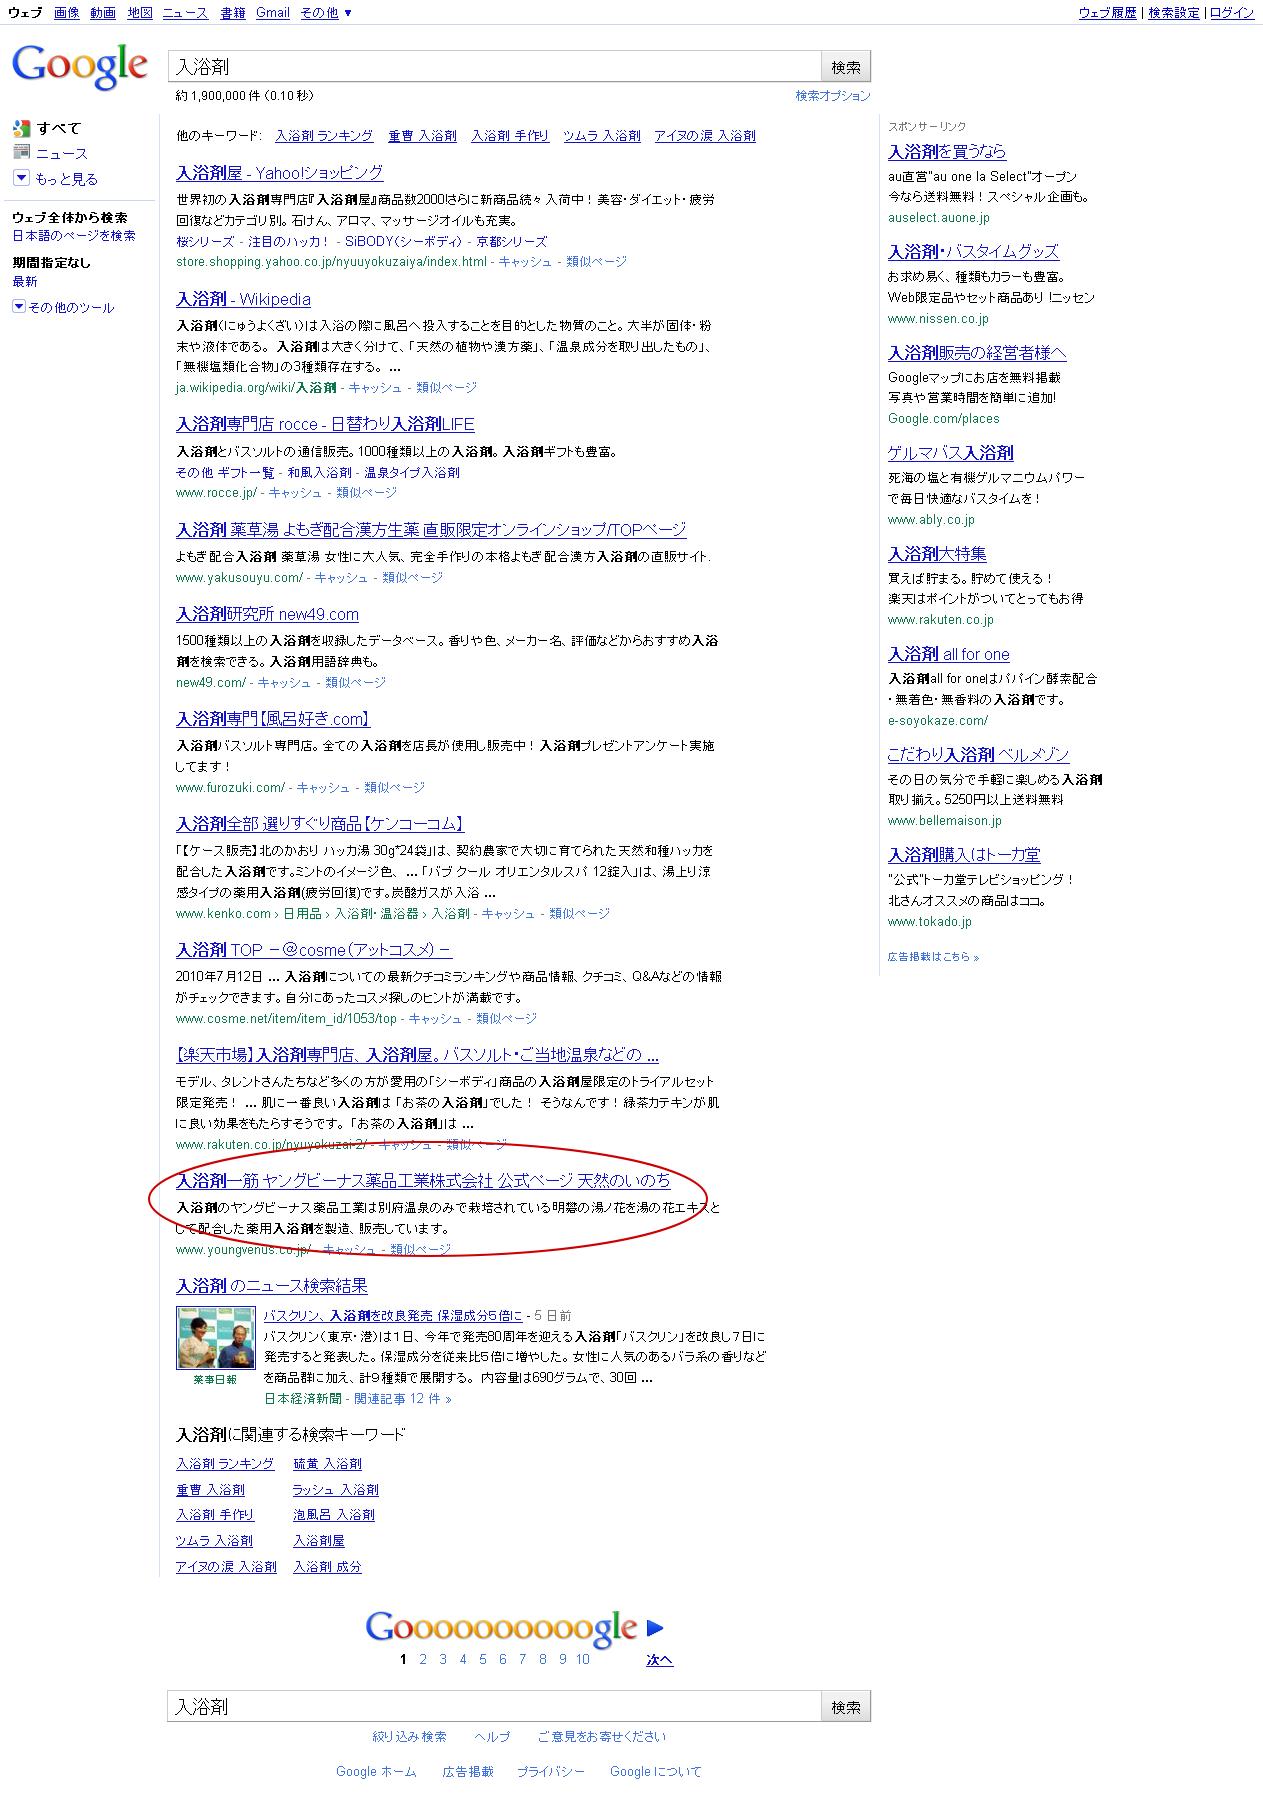 google nyuuyokuzai.png